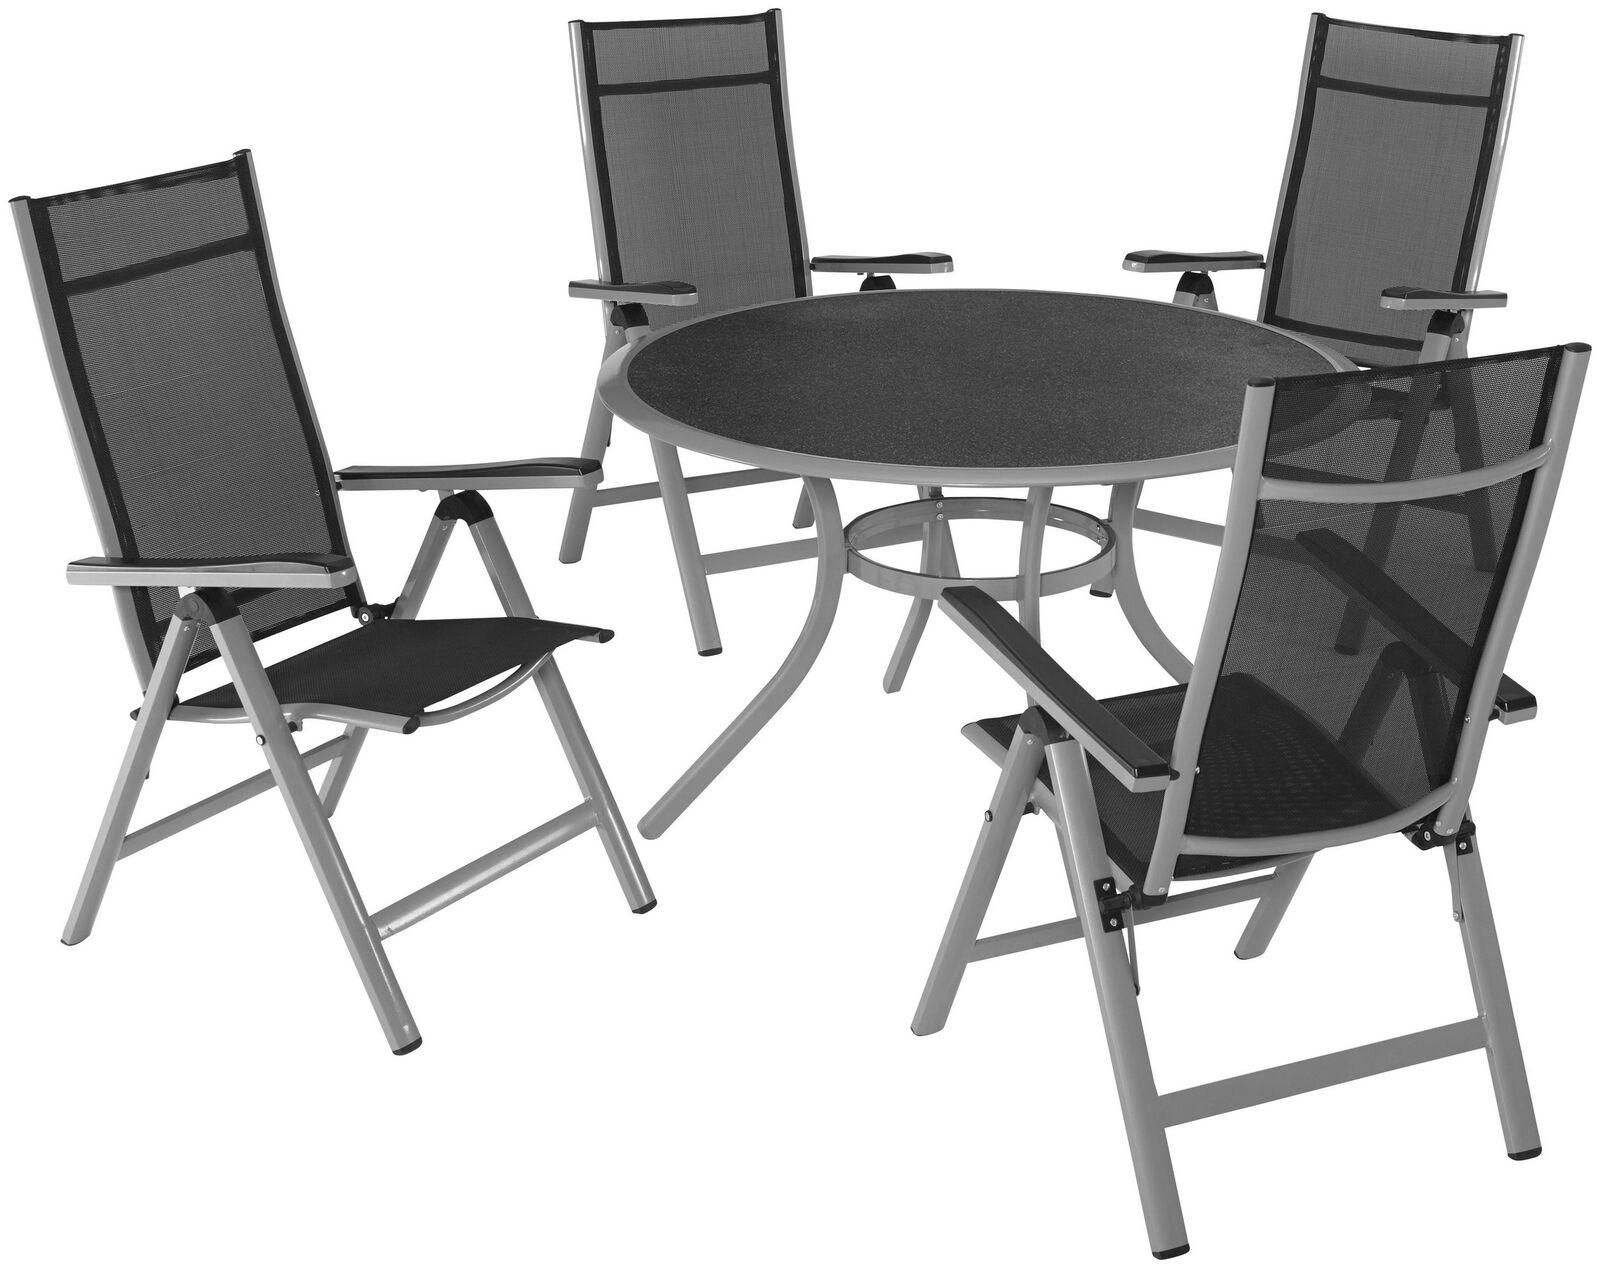 Gartenmöbelset Gartengruppe Hochlehner runder Tisch UVP 449, 99 ...